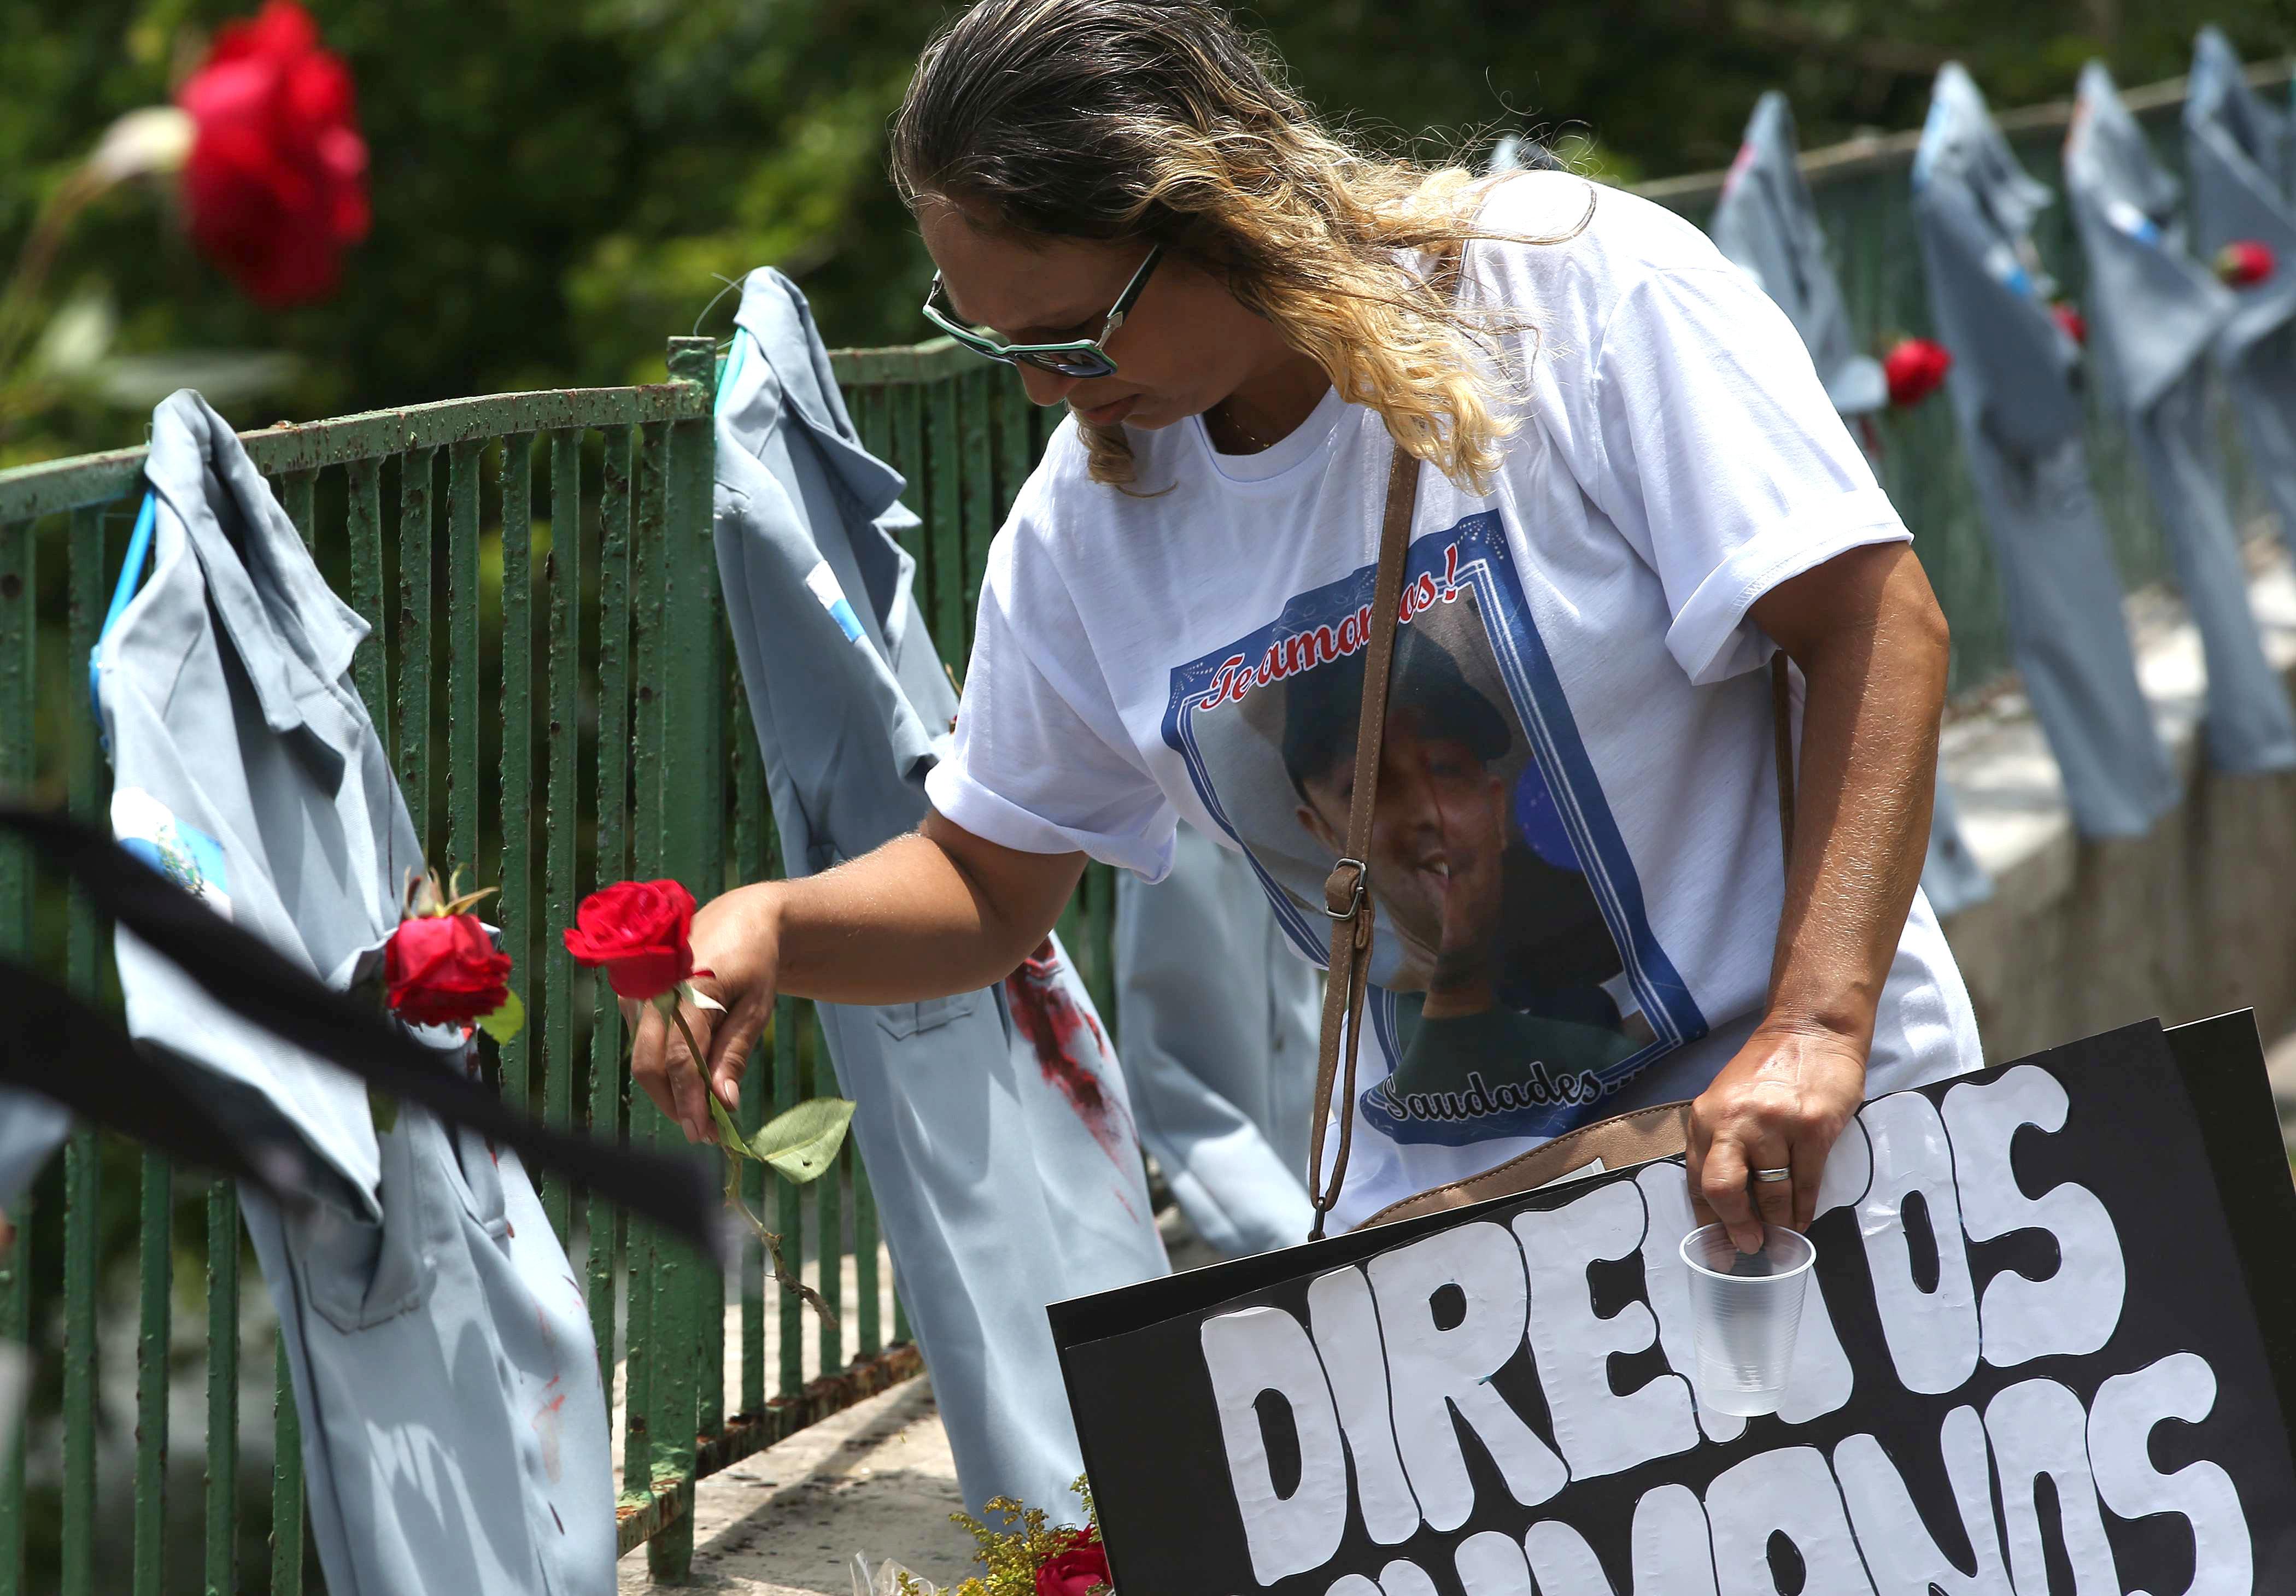 Rio de Janeiro ret homenatge als policies assassinats aquest any i demana pau. / MARCELO SAYAO